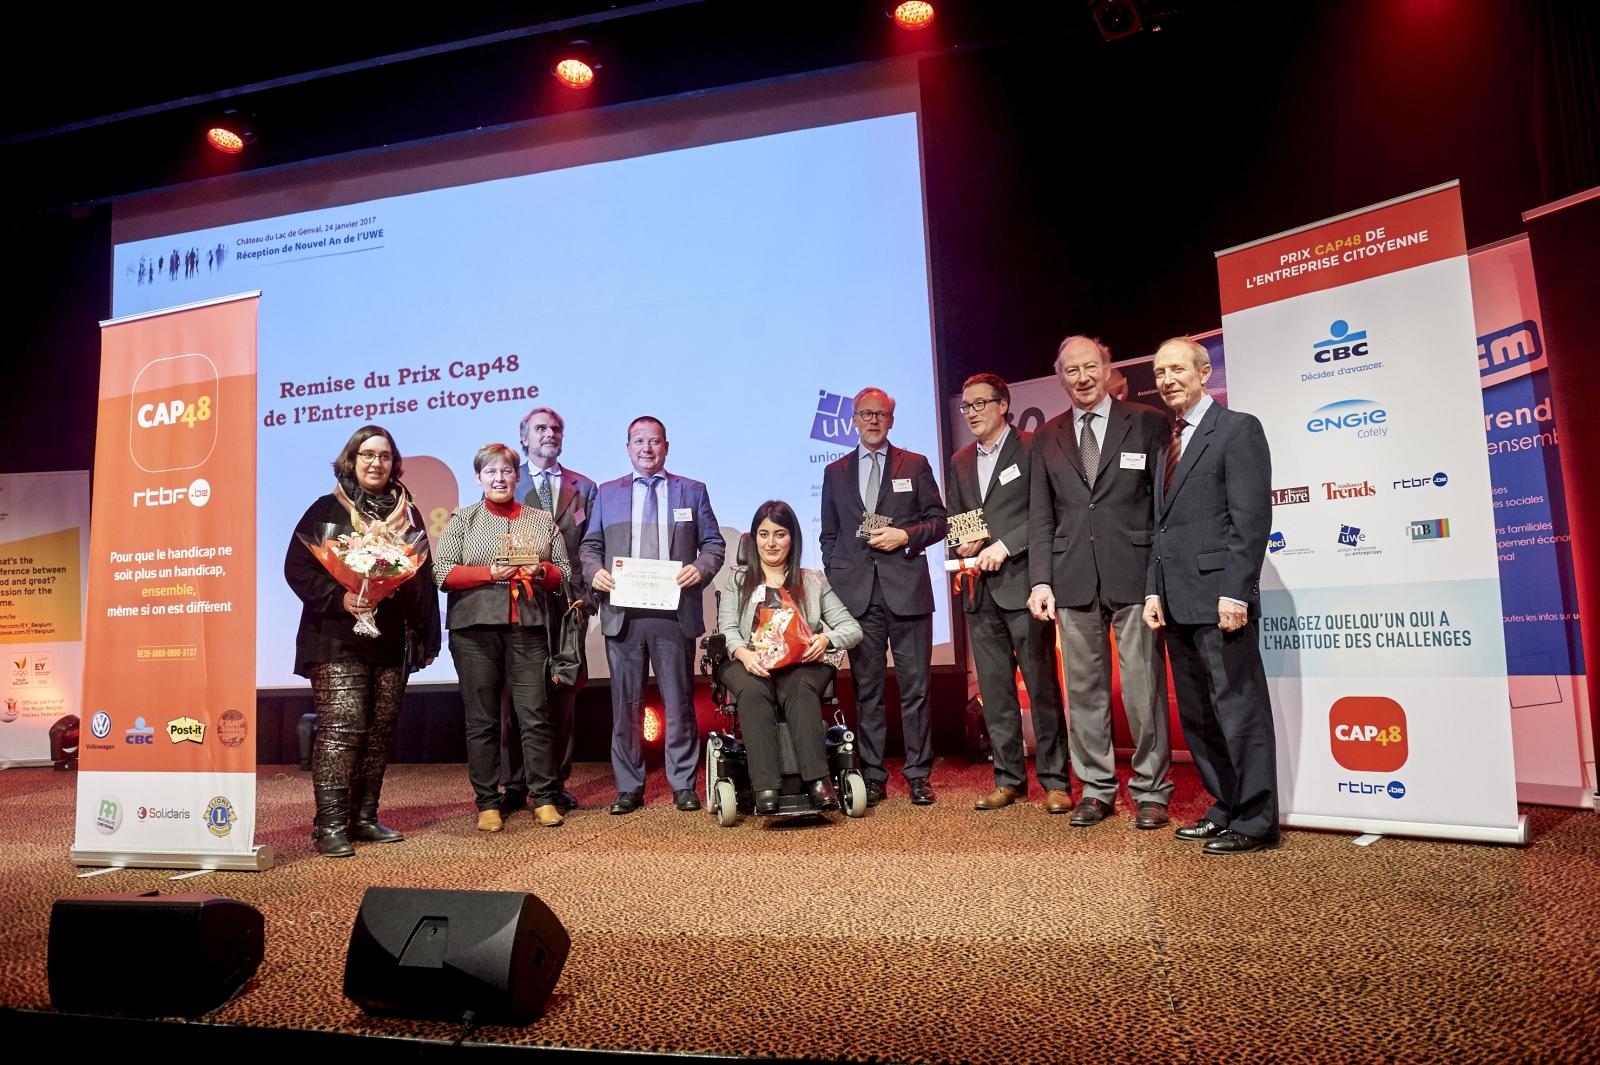 Emploi et handicap entreprises recompensees en 2017 en Belgique